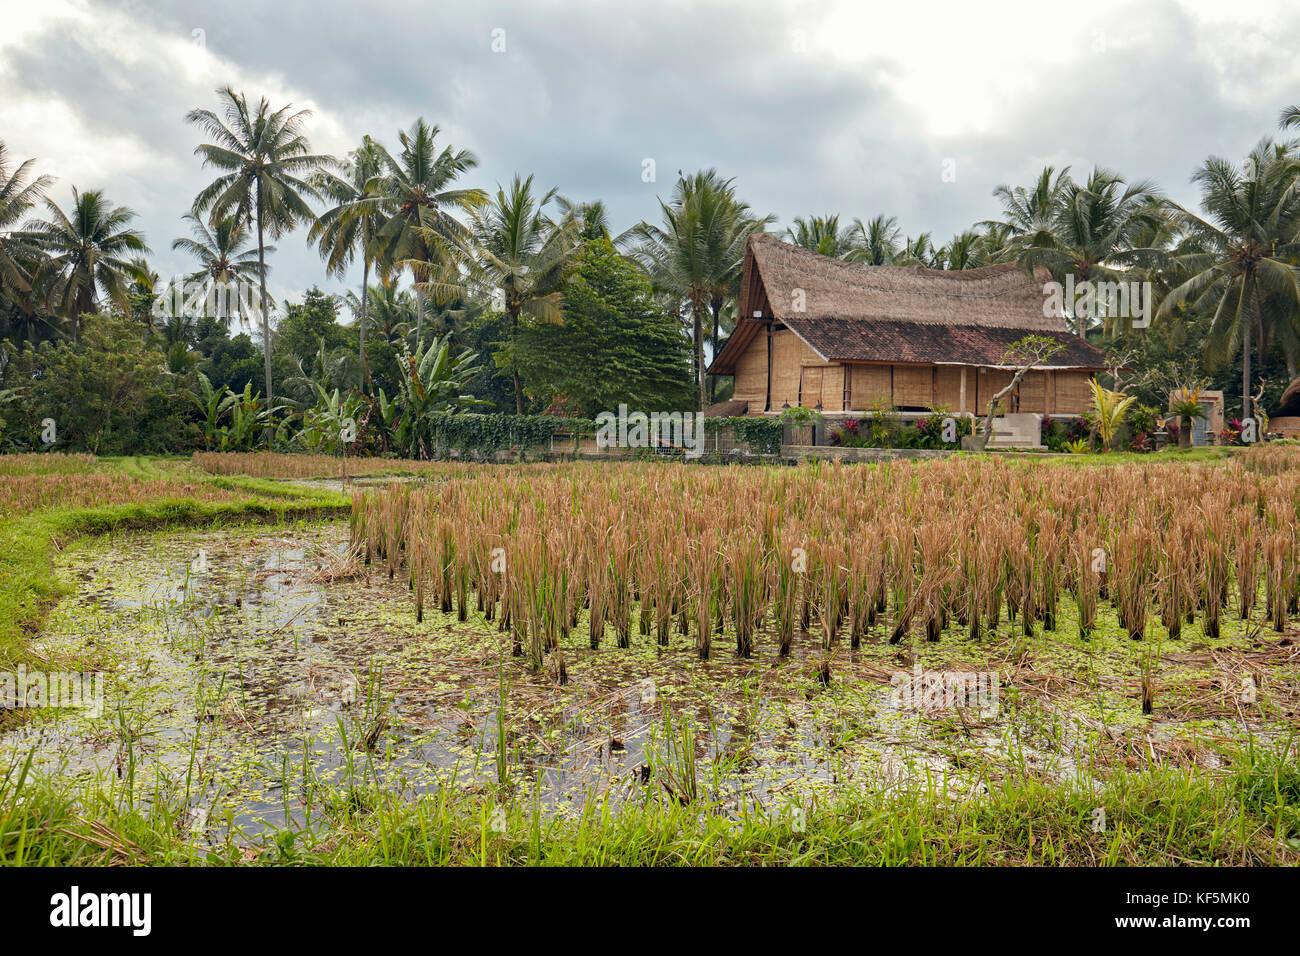 Reisfeld. kajeng Reisfelder, Ubud. Bali, Indonesien. Stockbild